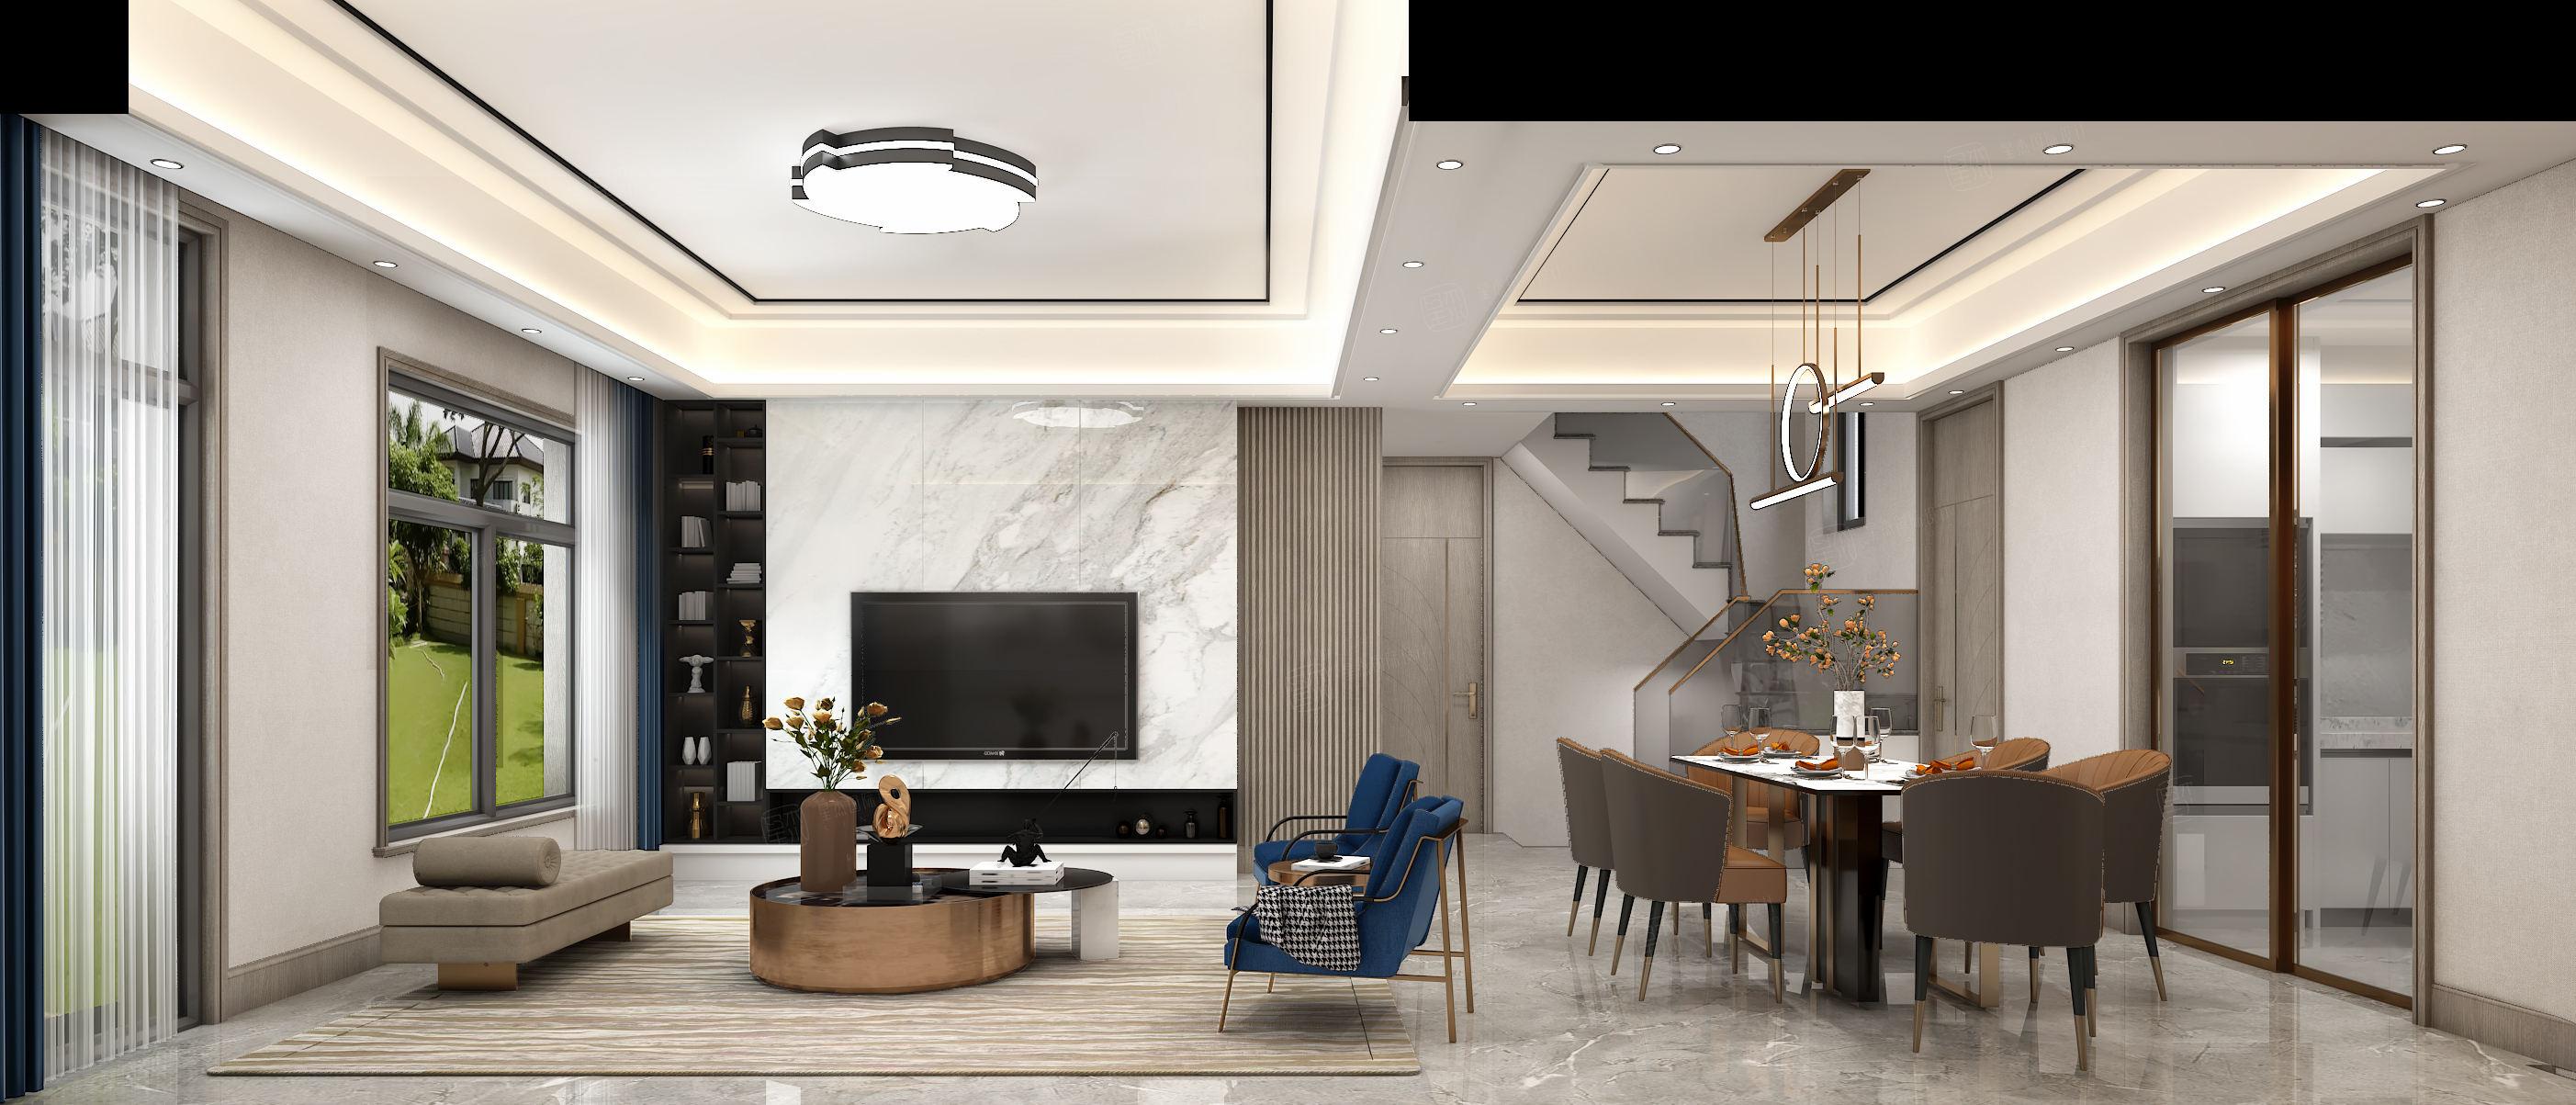 新弘墅园  现代轻奢装修客厅效果图